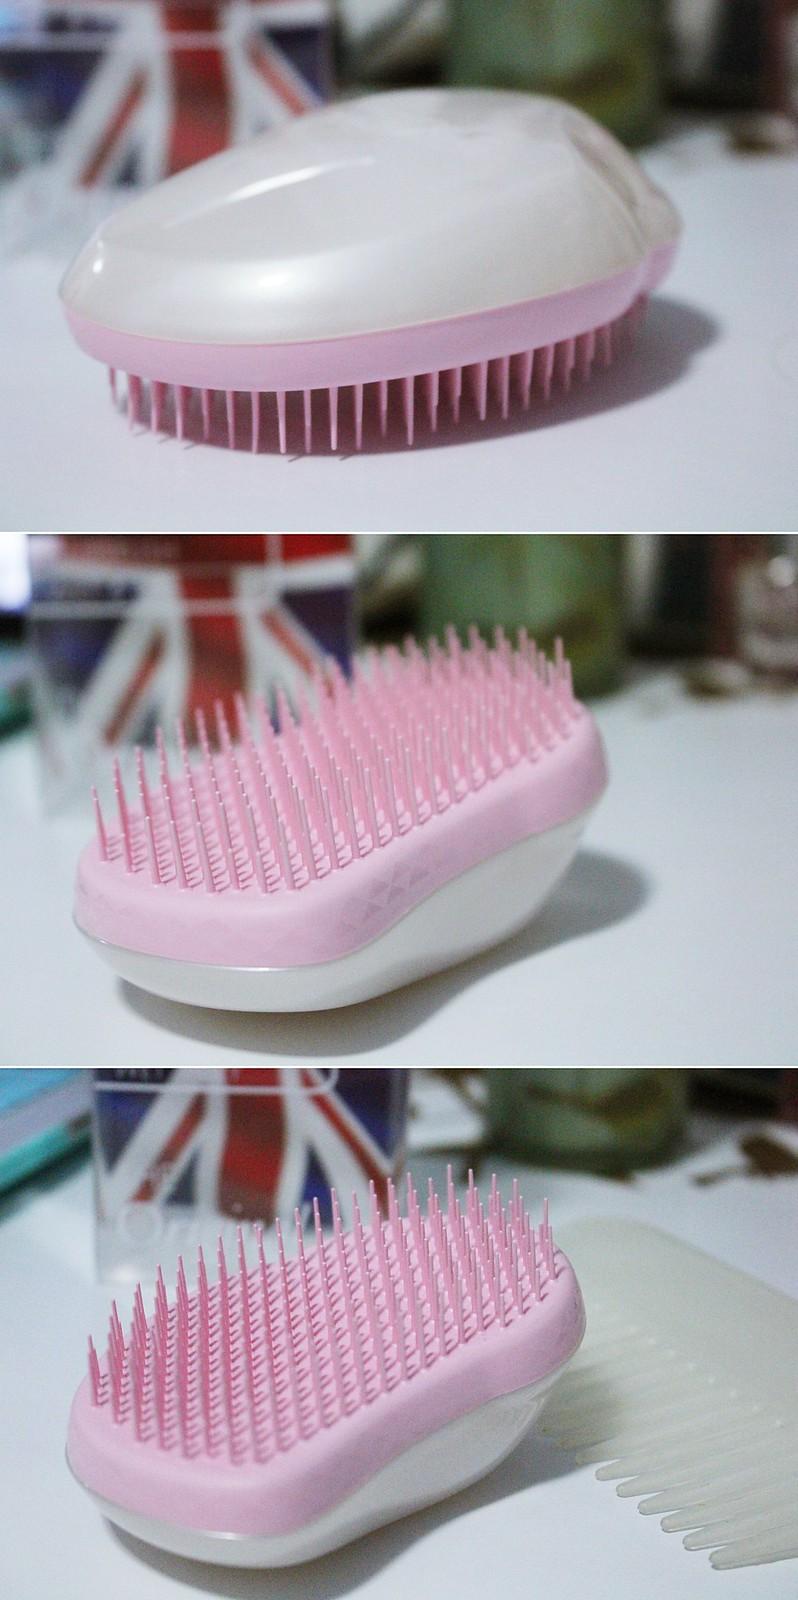 brush2_vickyt